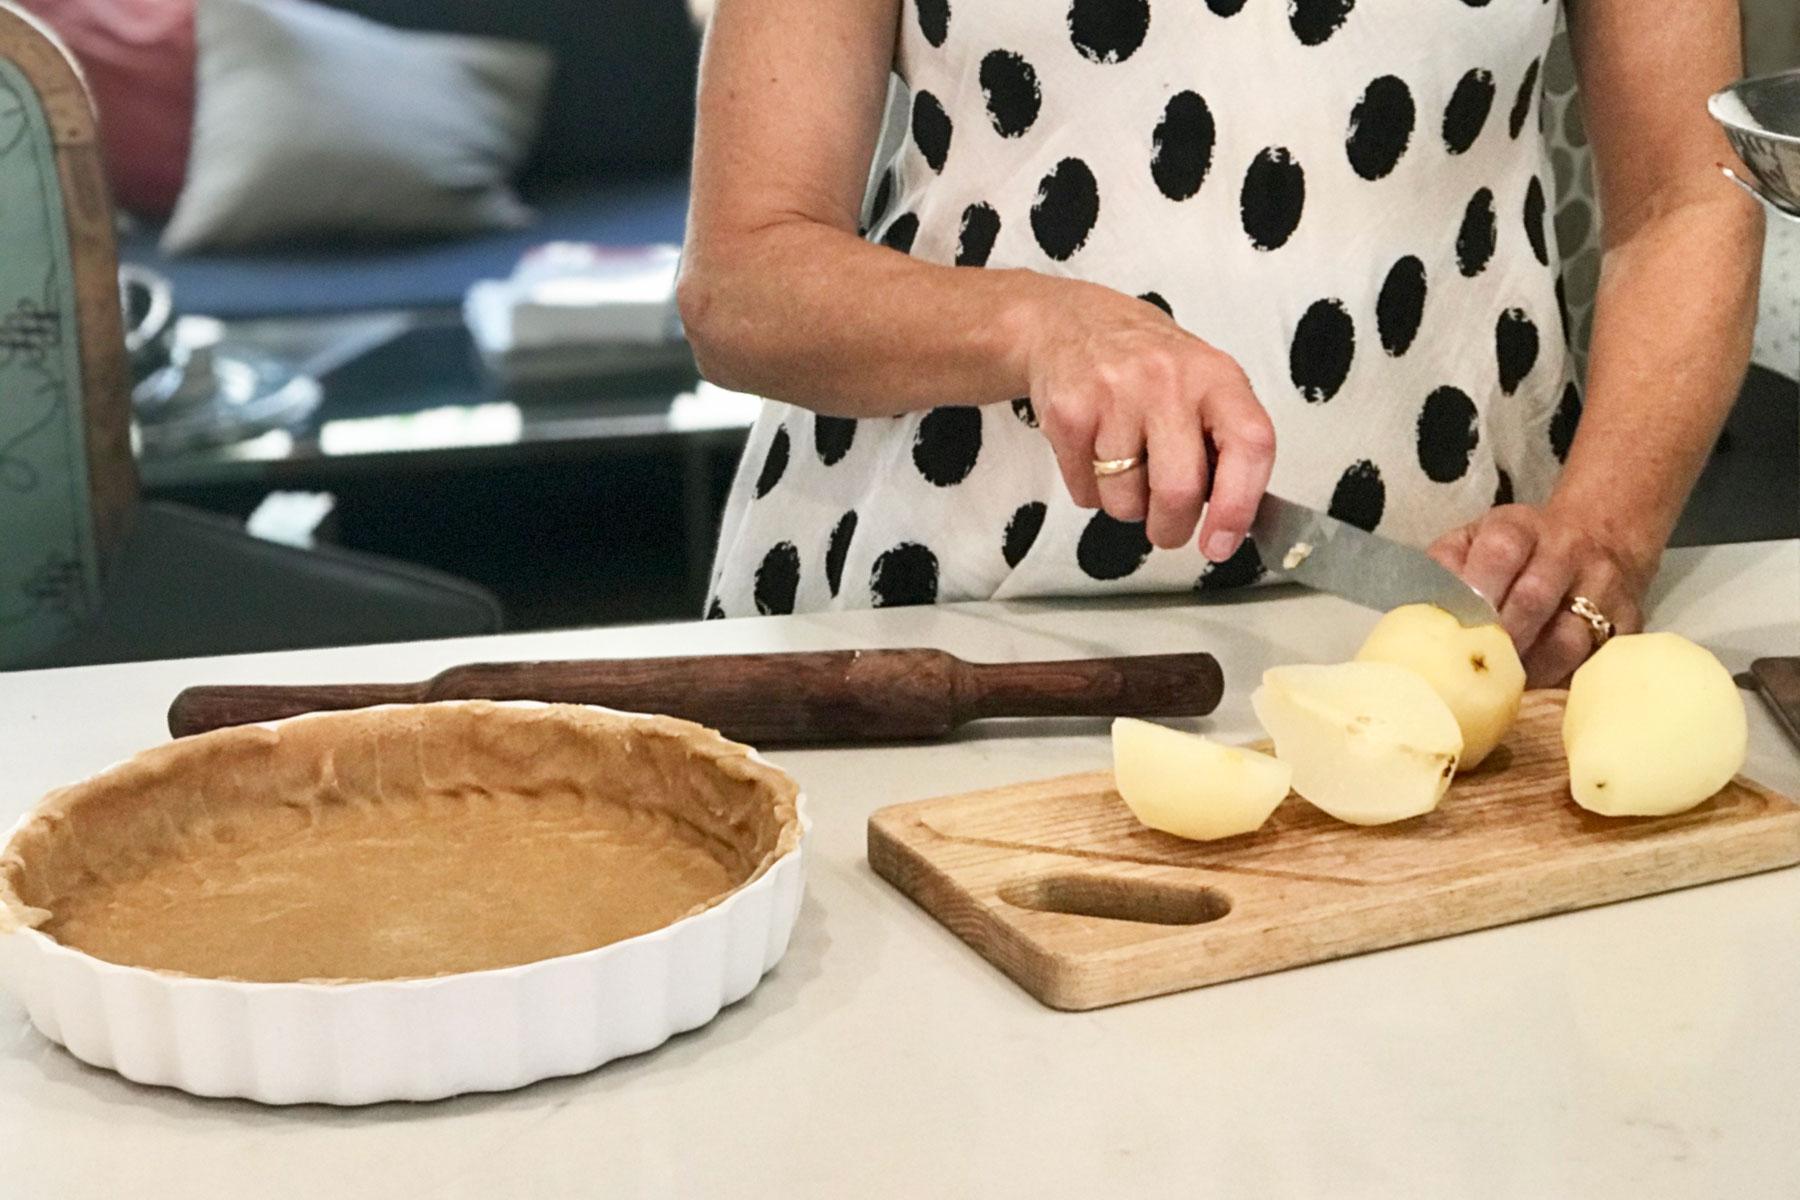 Andrea preparing amandine aux poires